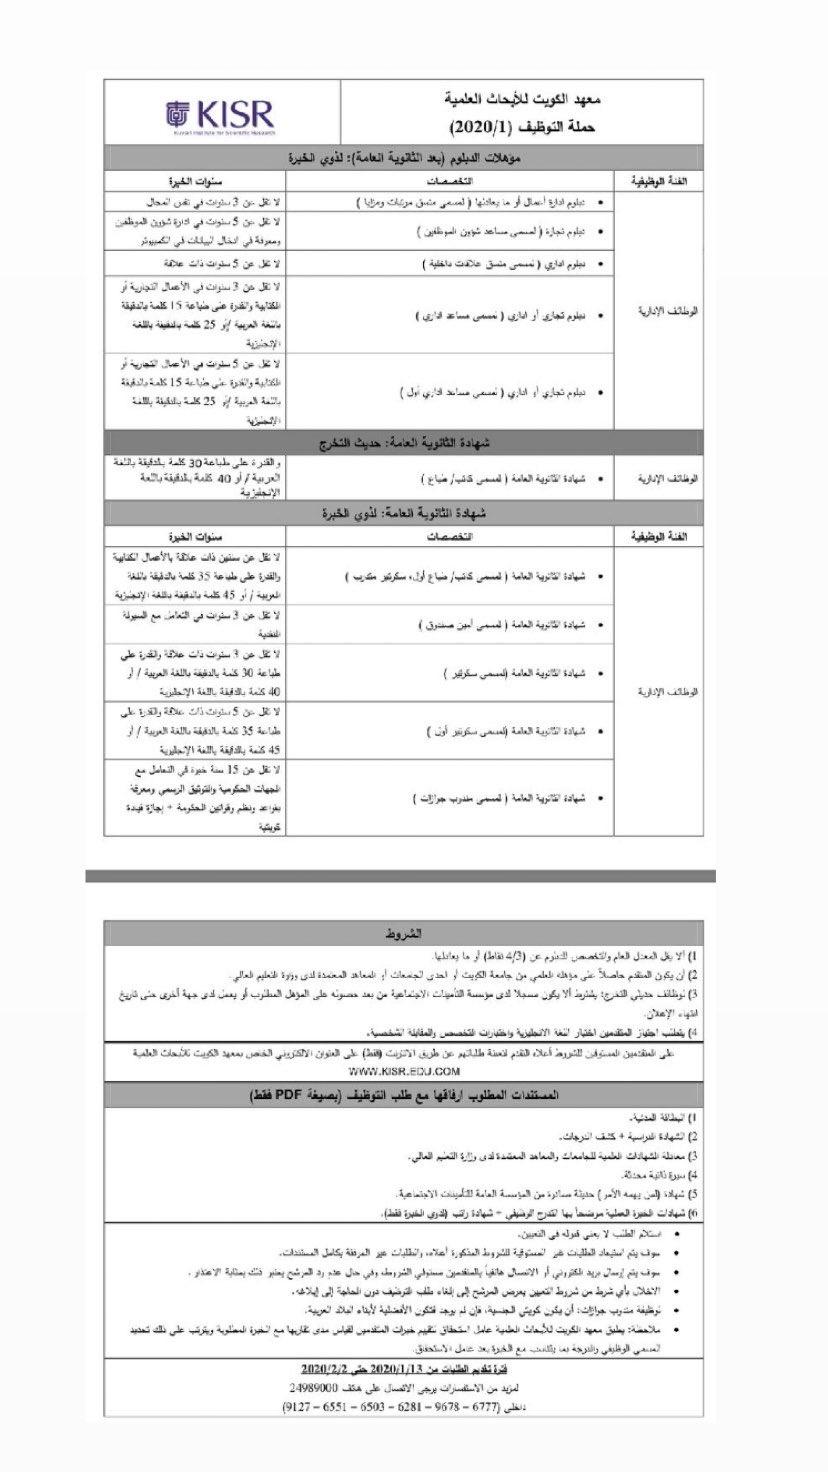 إعلان #توظيف 🔵  يعلن معهد الكويت للأبحاث العلمية عن توفر #فرص_عمل ( حديثي التخرج + ذوي الخبرة ) لحملة #الدبلوم و #الثانوية